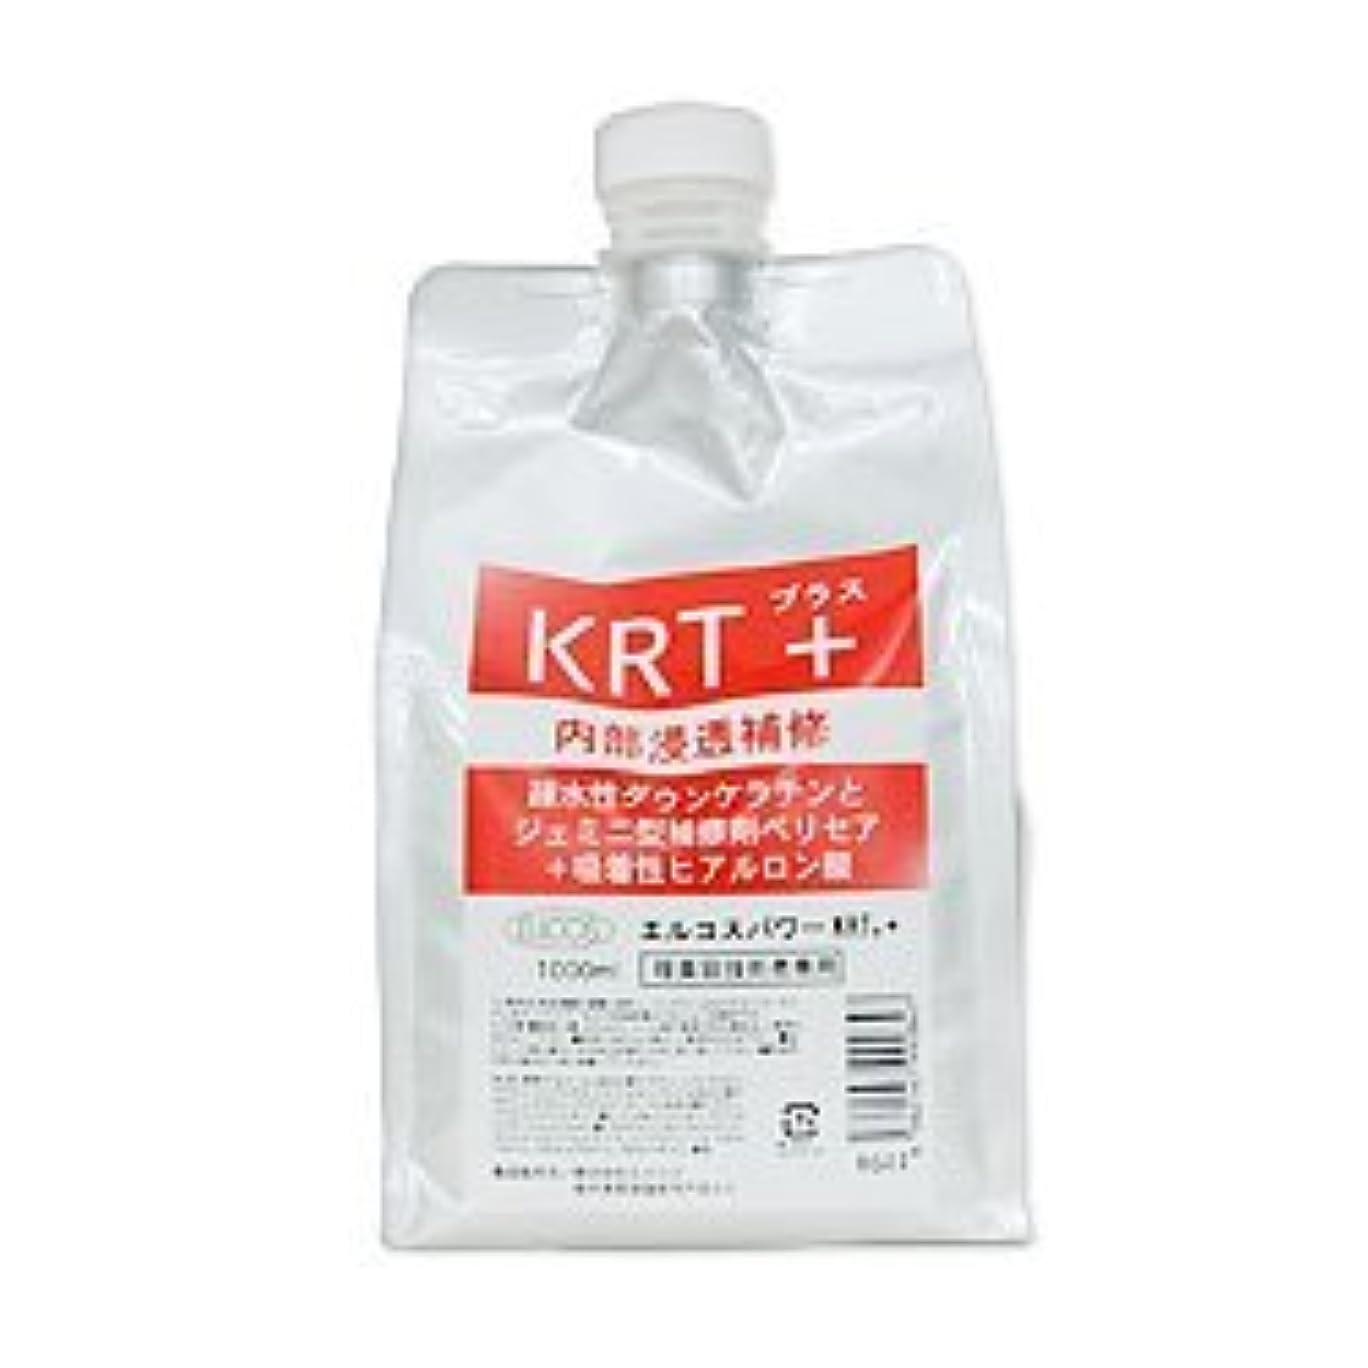 根拠支配的からエルコス パワー KRT+ 1000ml(詰替用)(トリートメント)